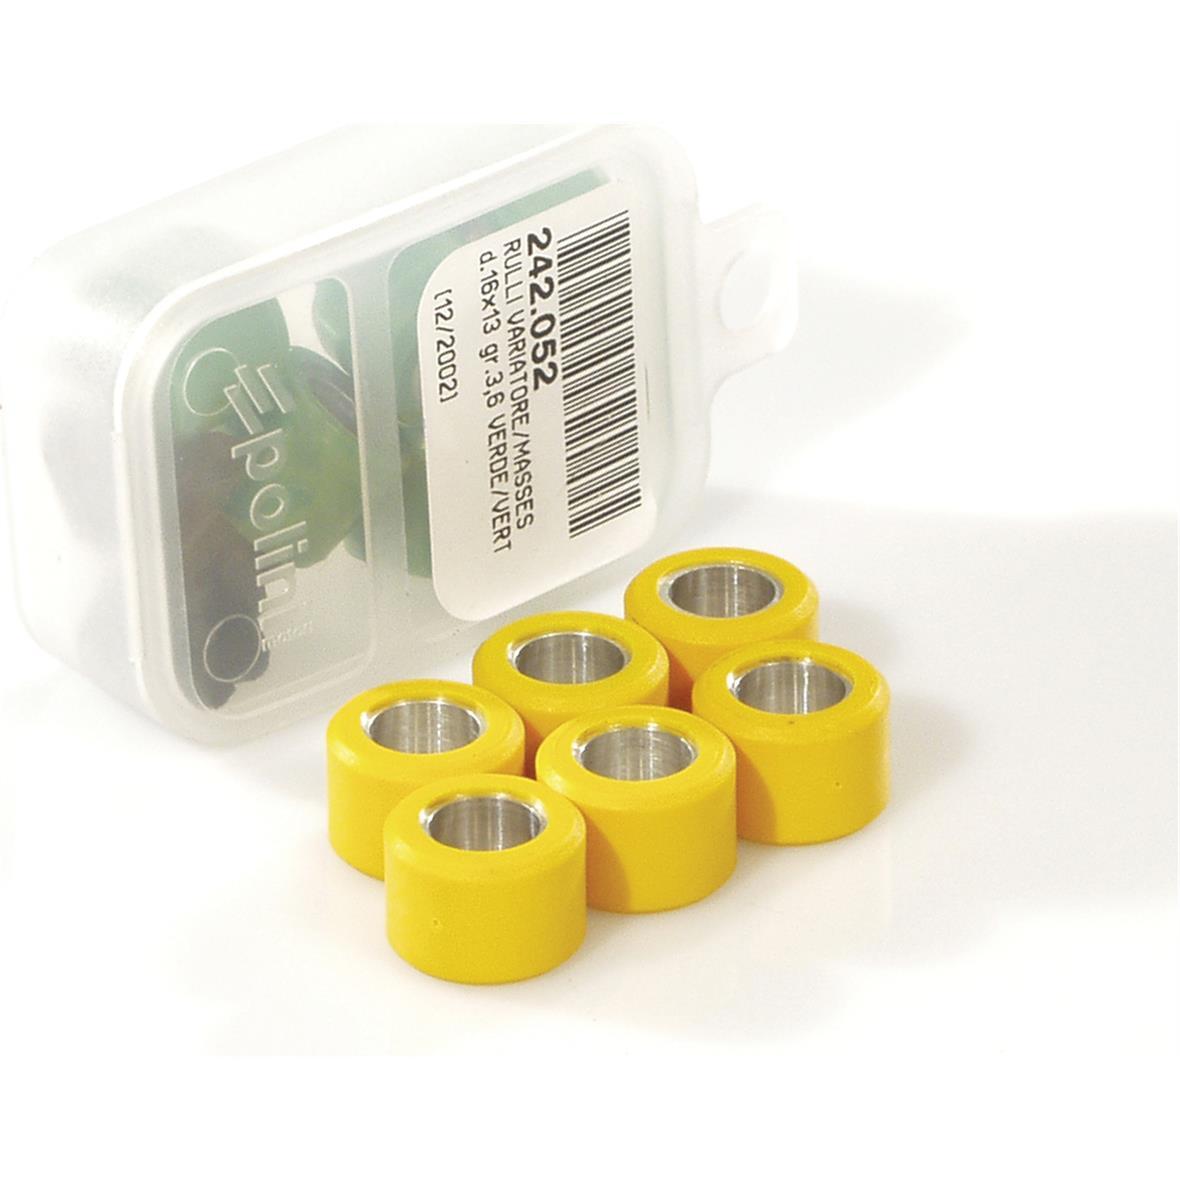 Zdjęcie produktu dla 'Rolki Variatora POLINI 15x12 mm 3,0 gTitle'